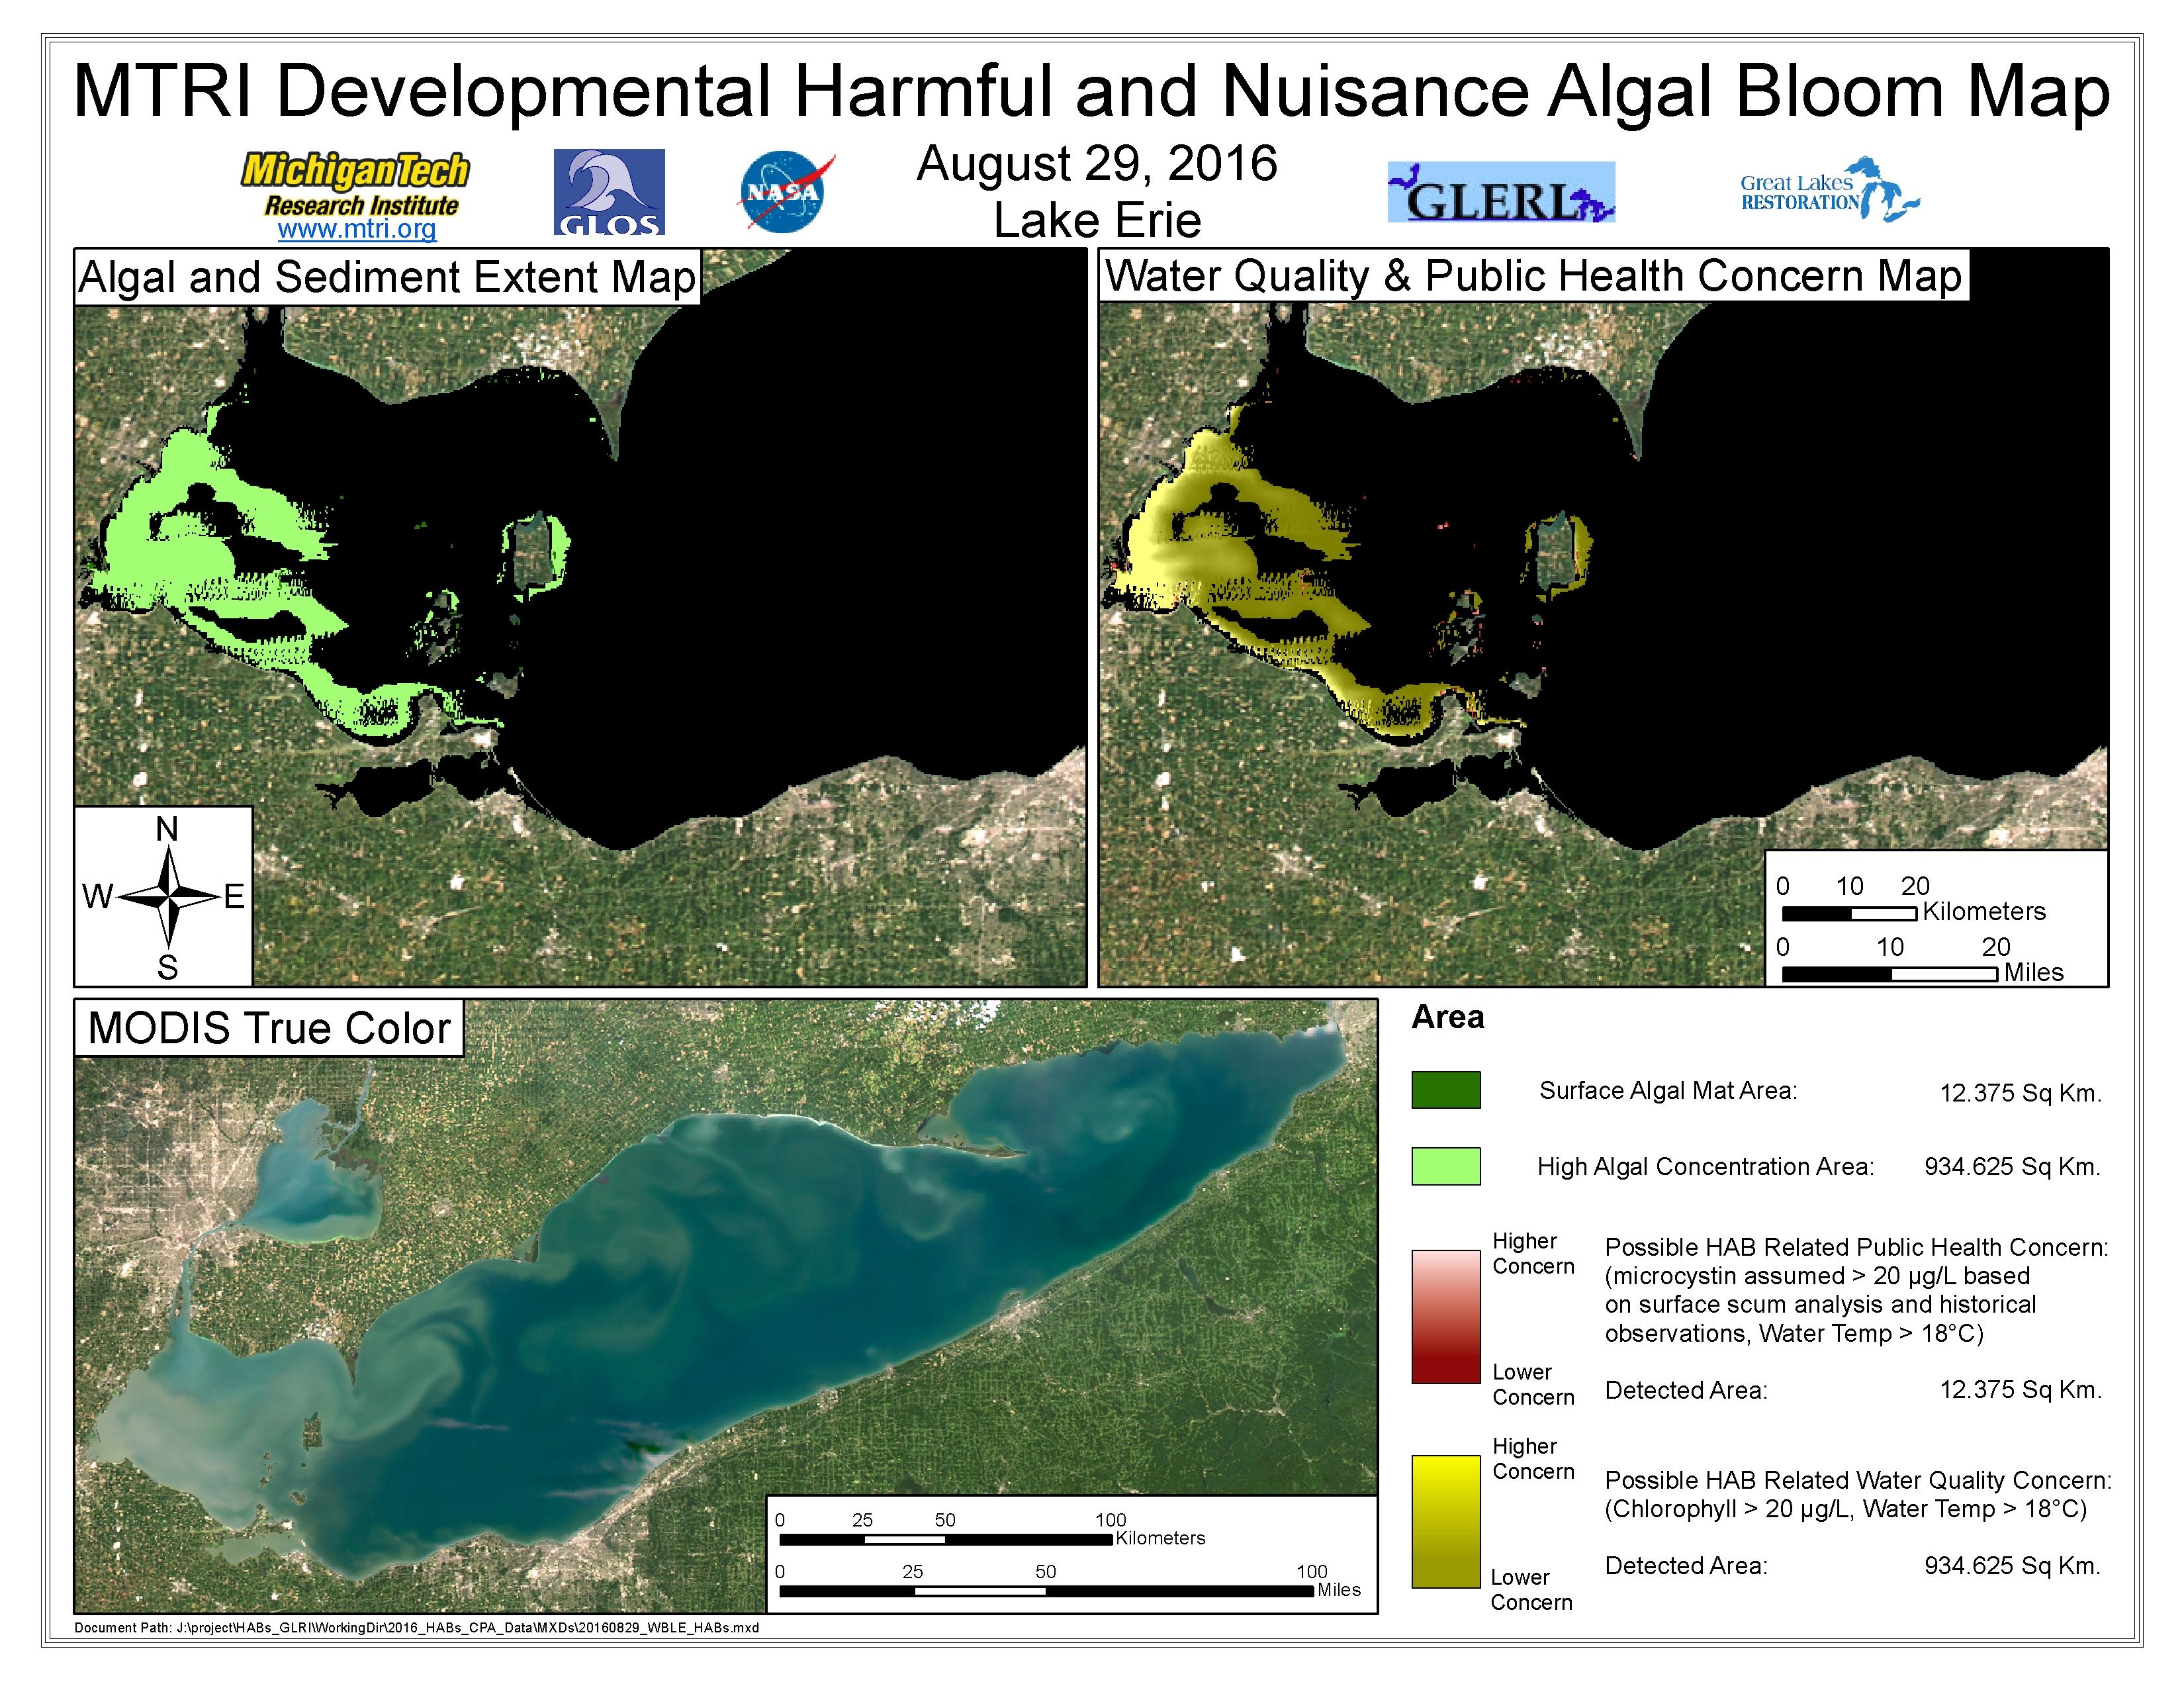 MODIS Aqua retrieval August 29, 2016